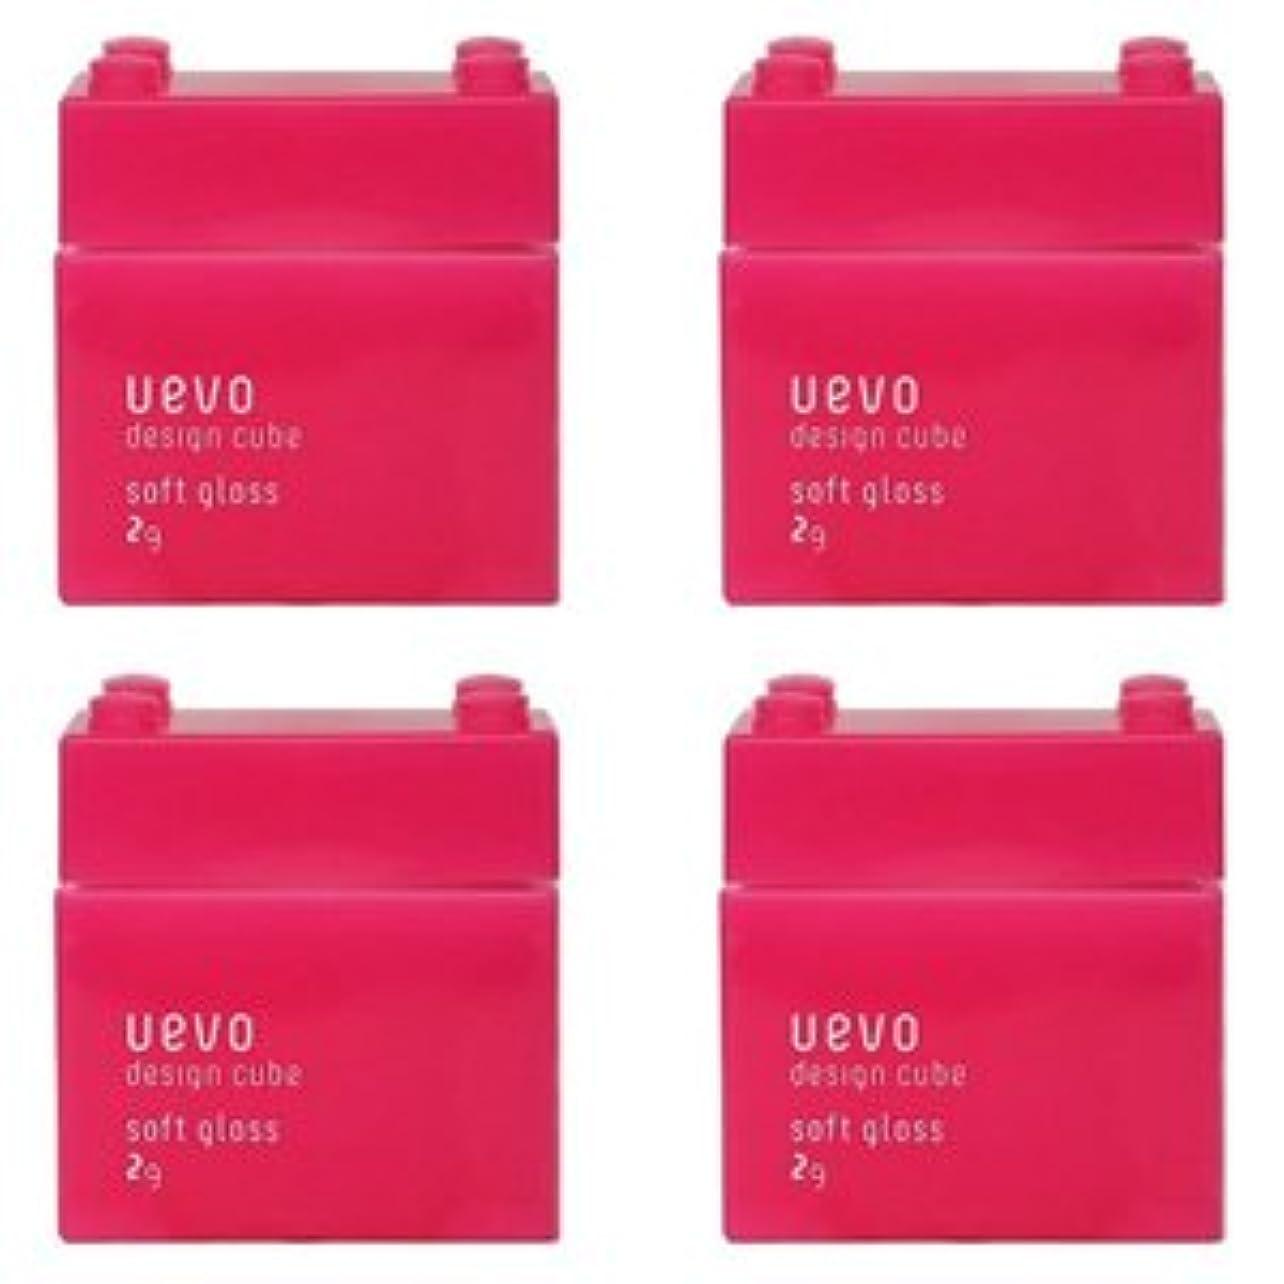 夜明けに膨らみソビエト【X4個セット】 デミ ウェーボ デザインキューブ ソフトグロス 80g soft gloss DEMI uevo design cube